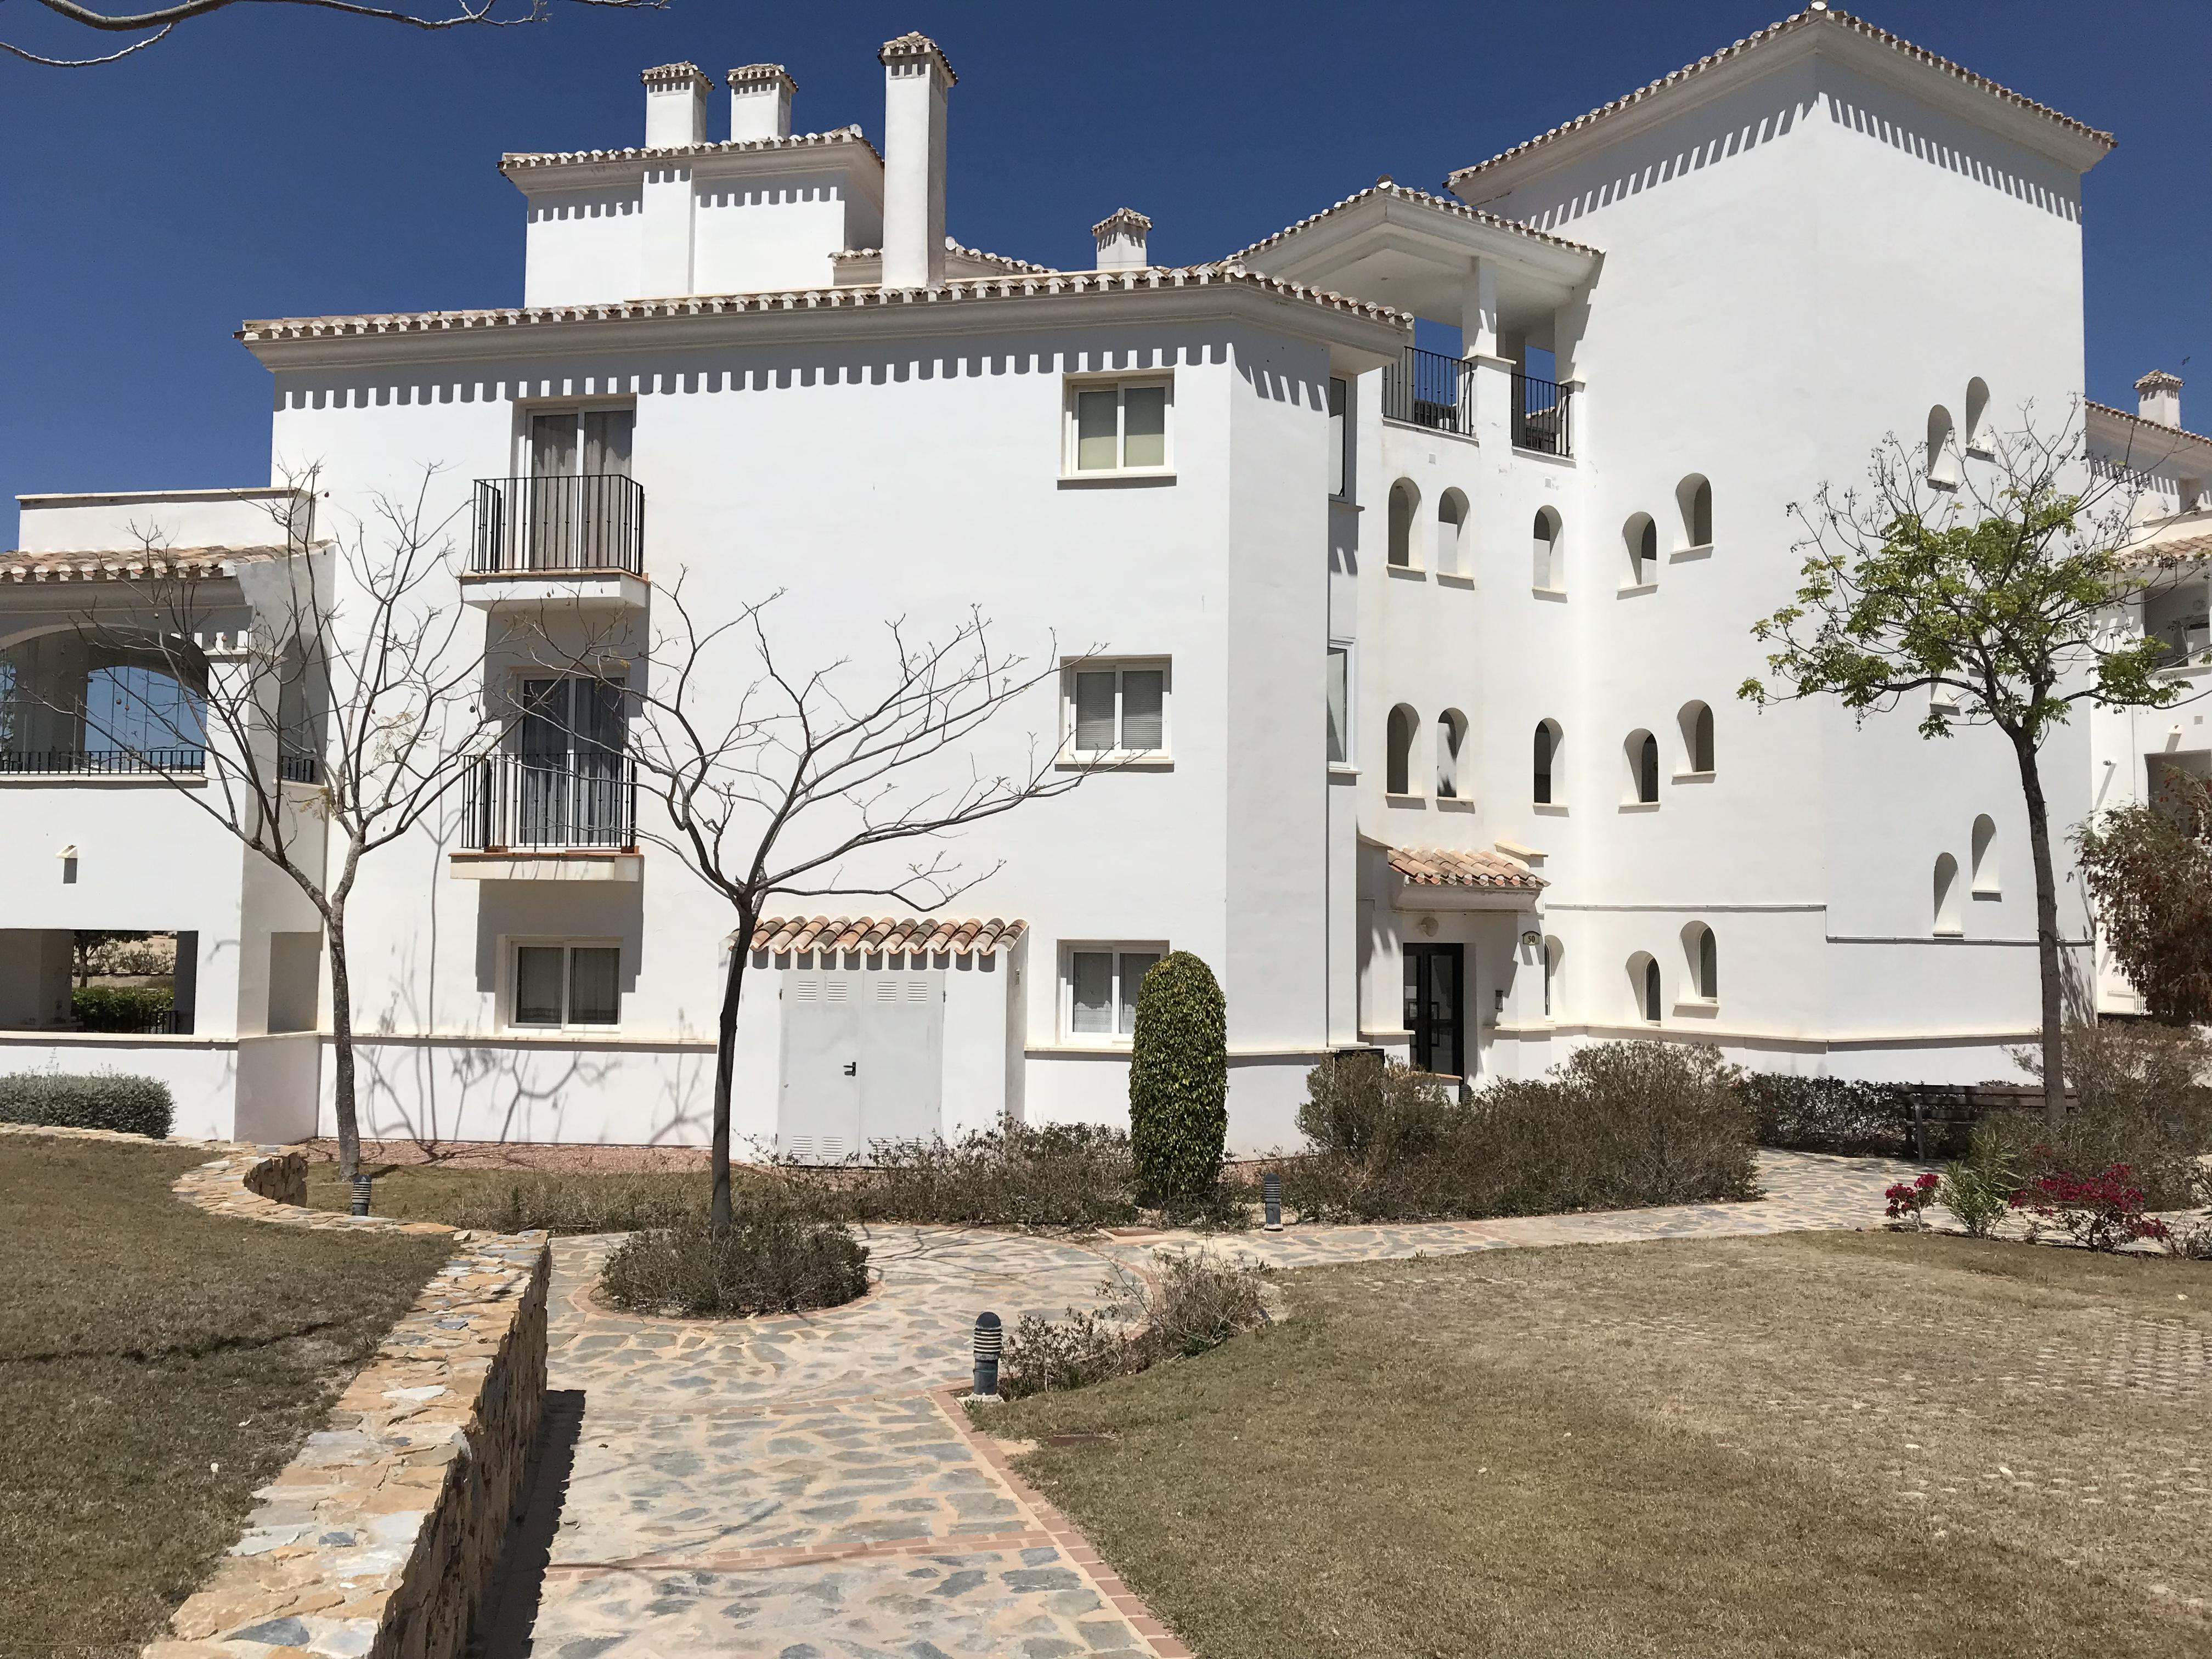 Spain property for sale in Hacienda Riquelme, Murcia